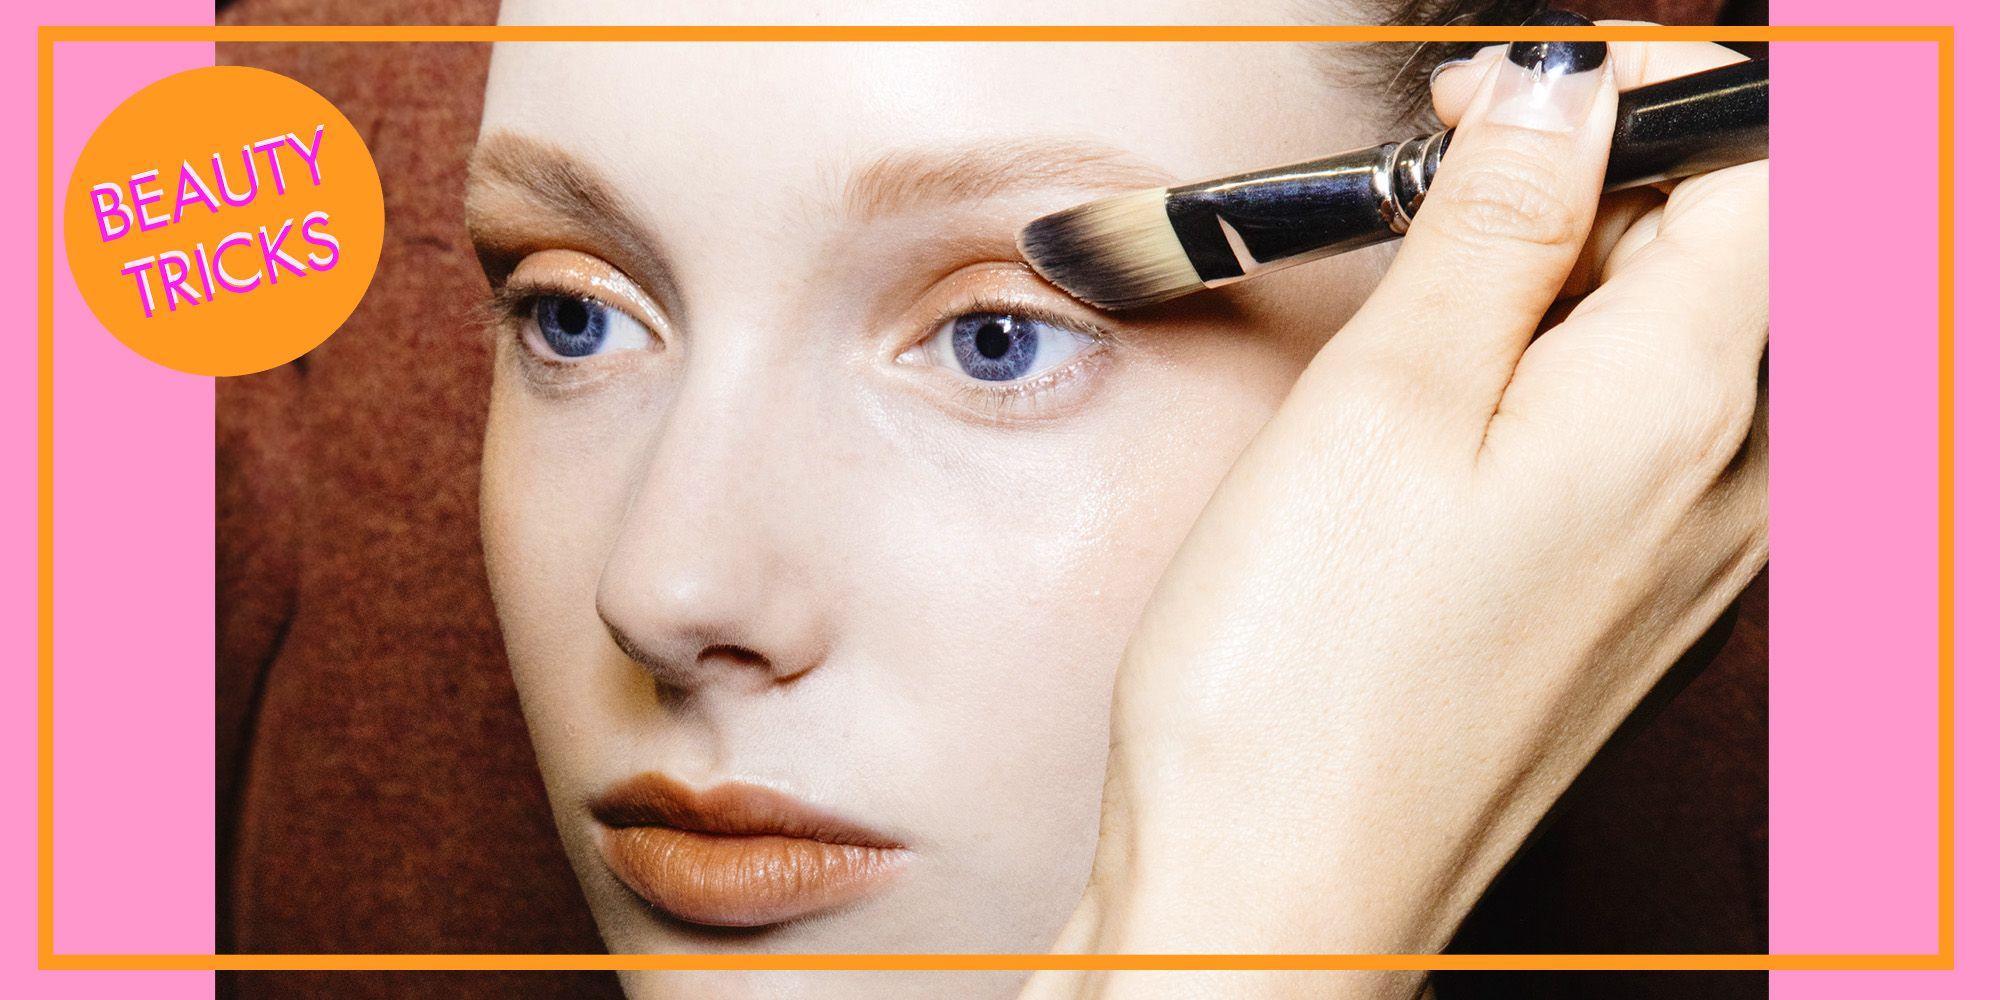 Pulizia pennelli trucco: come fare per un make up sicuro ...